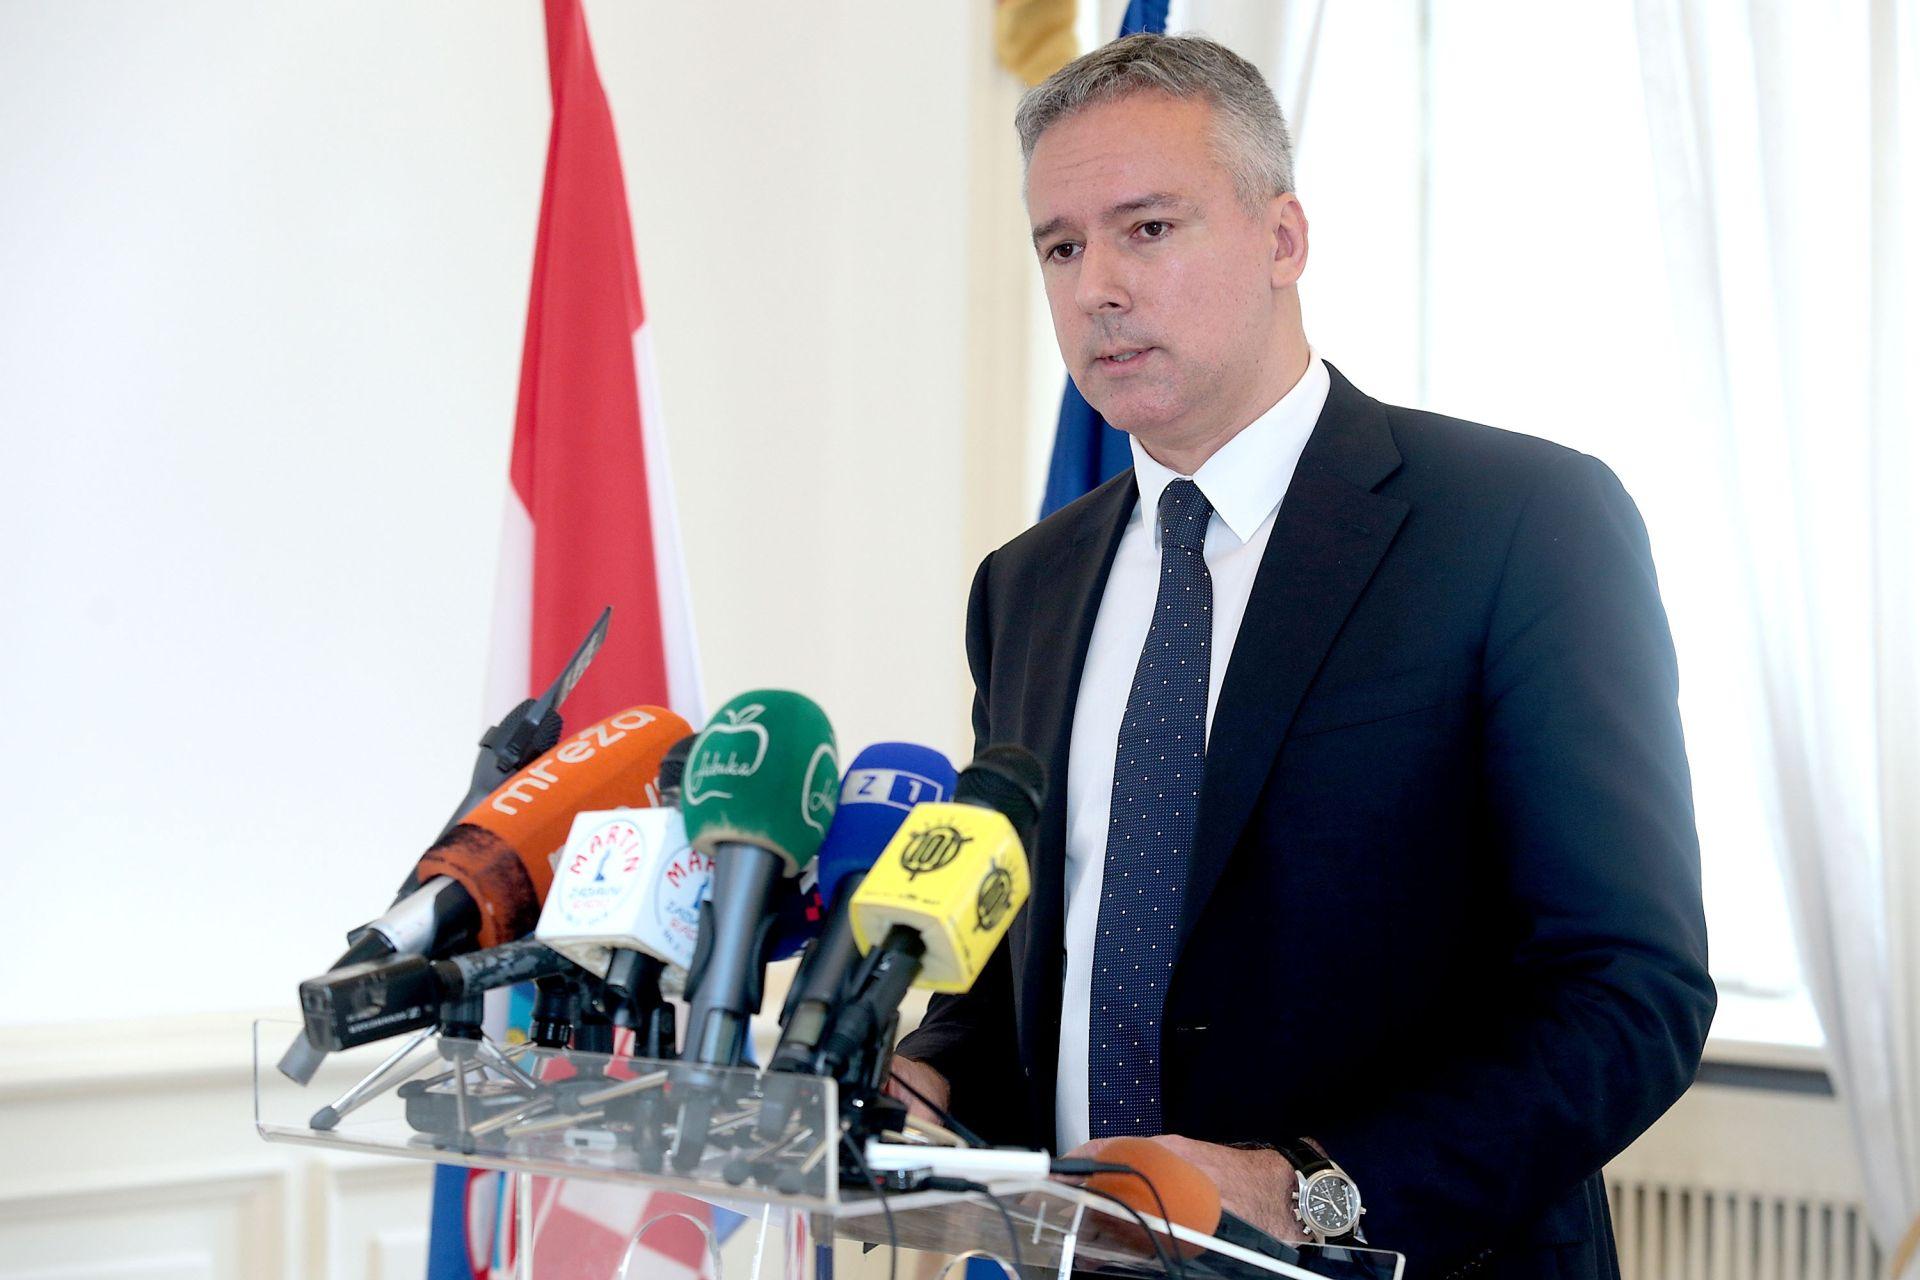 KOSOR: 'Sretan sam što Glasnović više nije dio naše većine i HDZ-a'